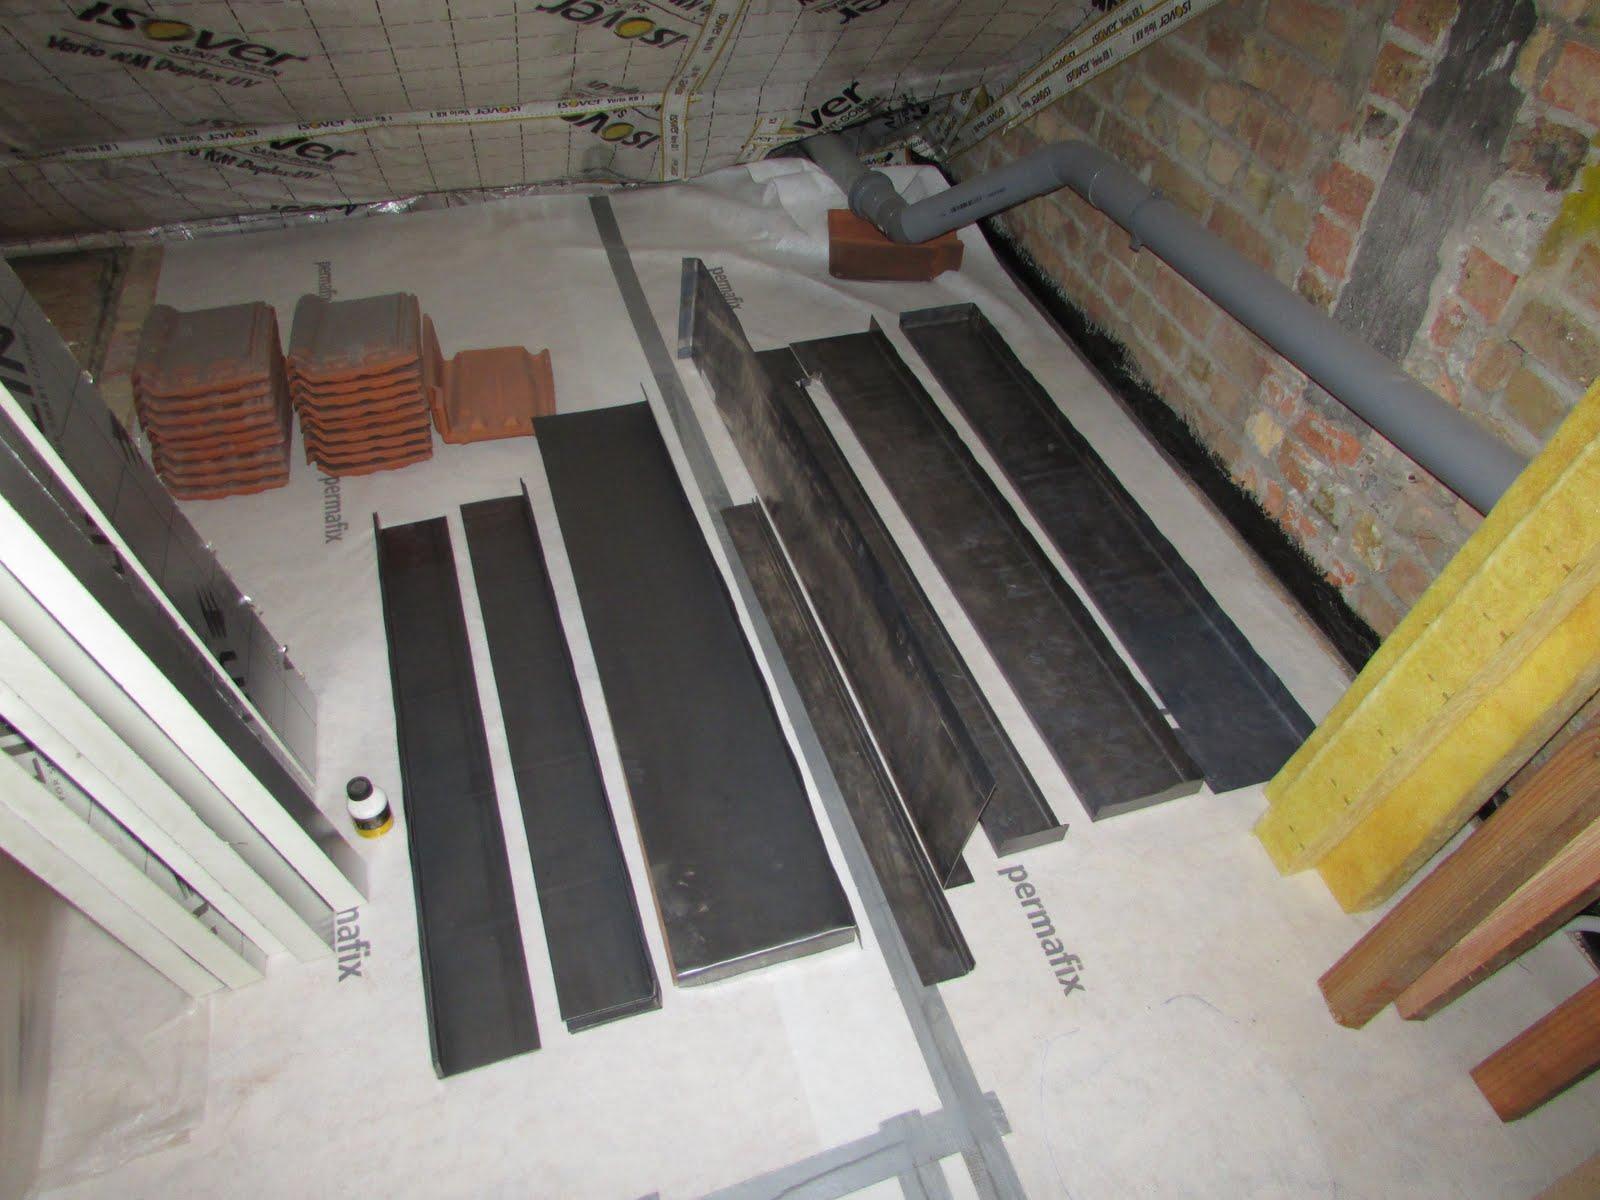 Verbouwing van ons ouderlijk huis dakconstructie uitbreiding